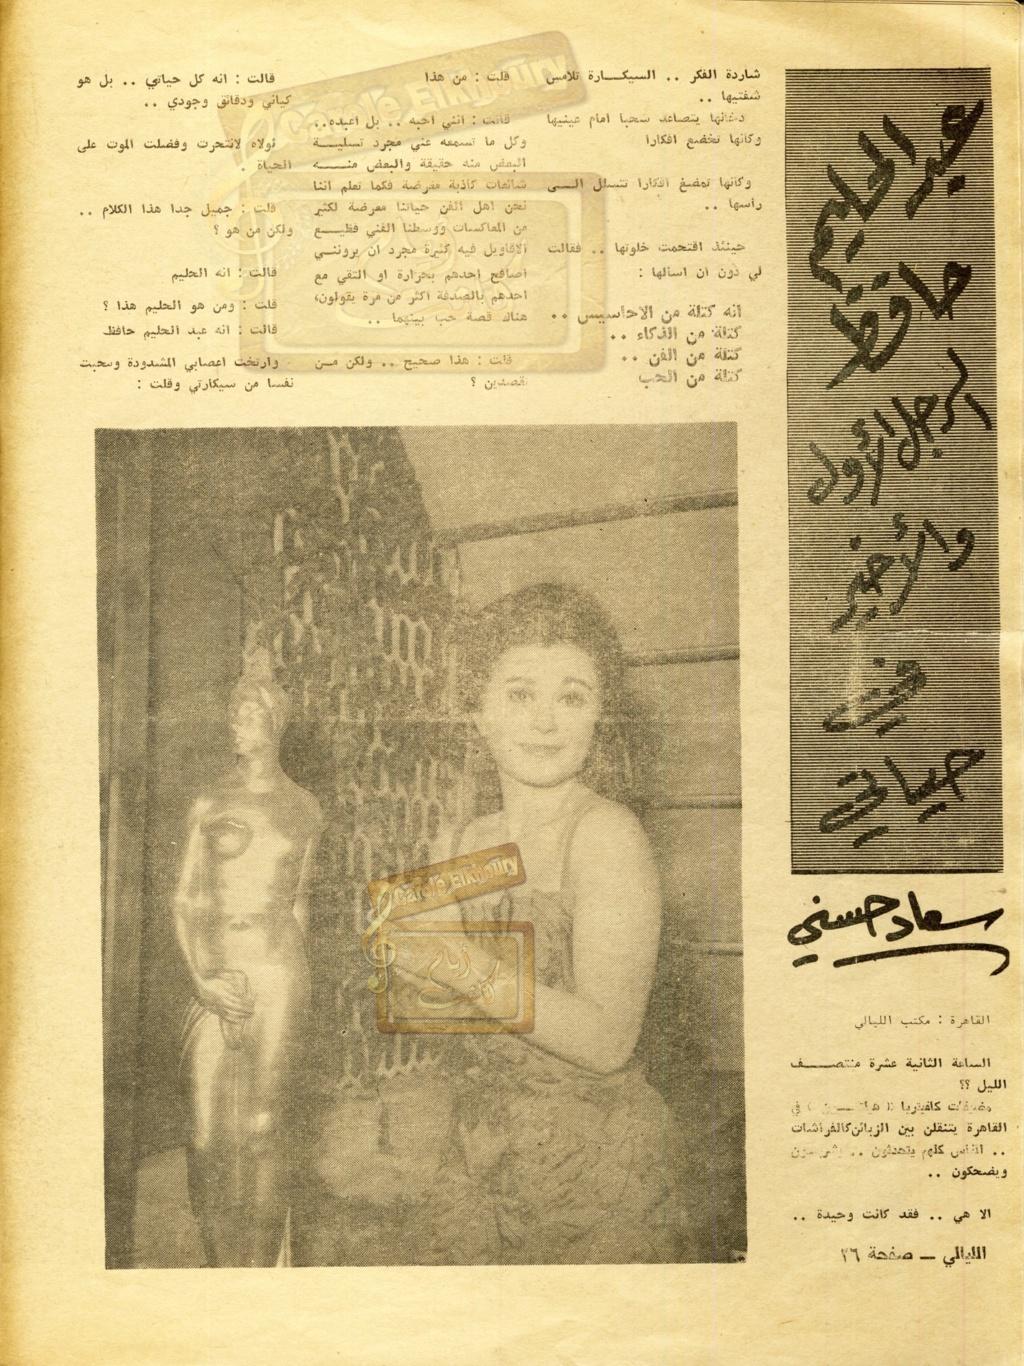 صحفي - حوار صحفي : سعاد حسني .. عبدالحليم حافظ الرجل الأوّل والأخير في حياتي 1965 م 161